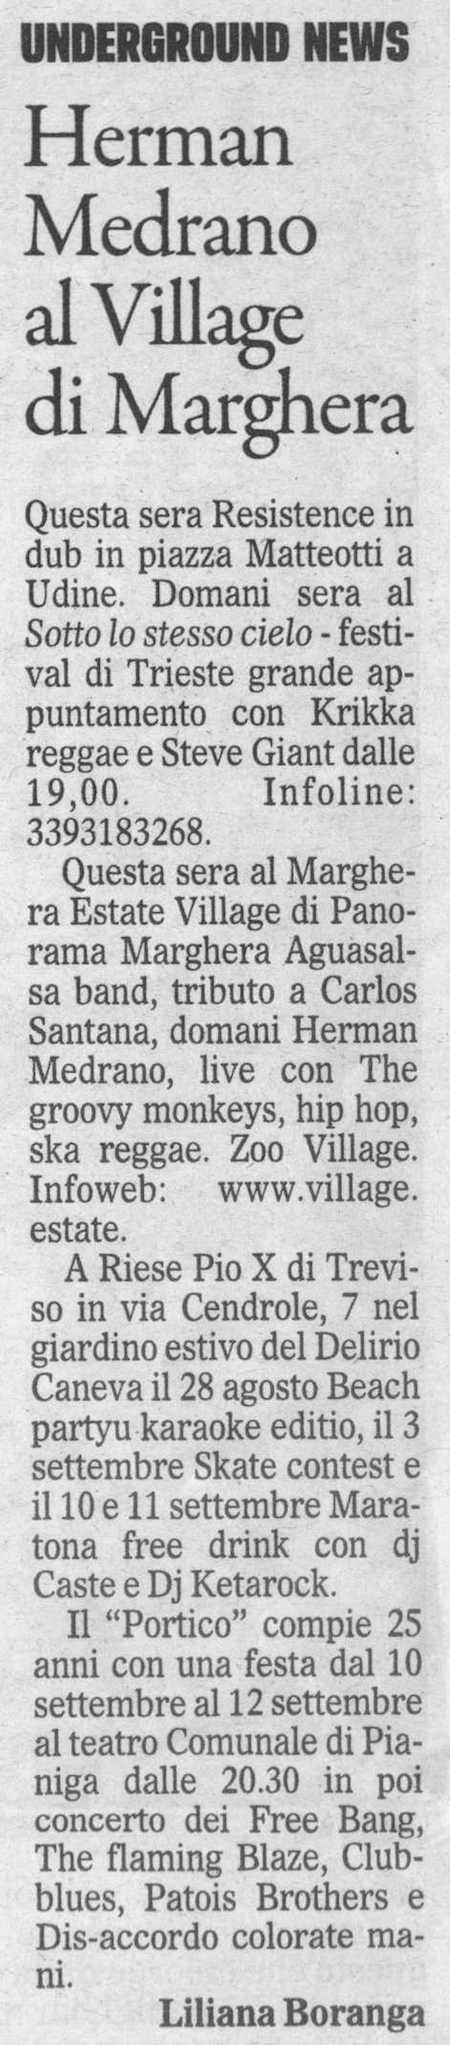 2010.08.28 Il Gazzettino di Venezia